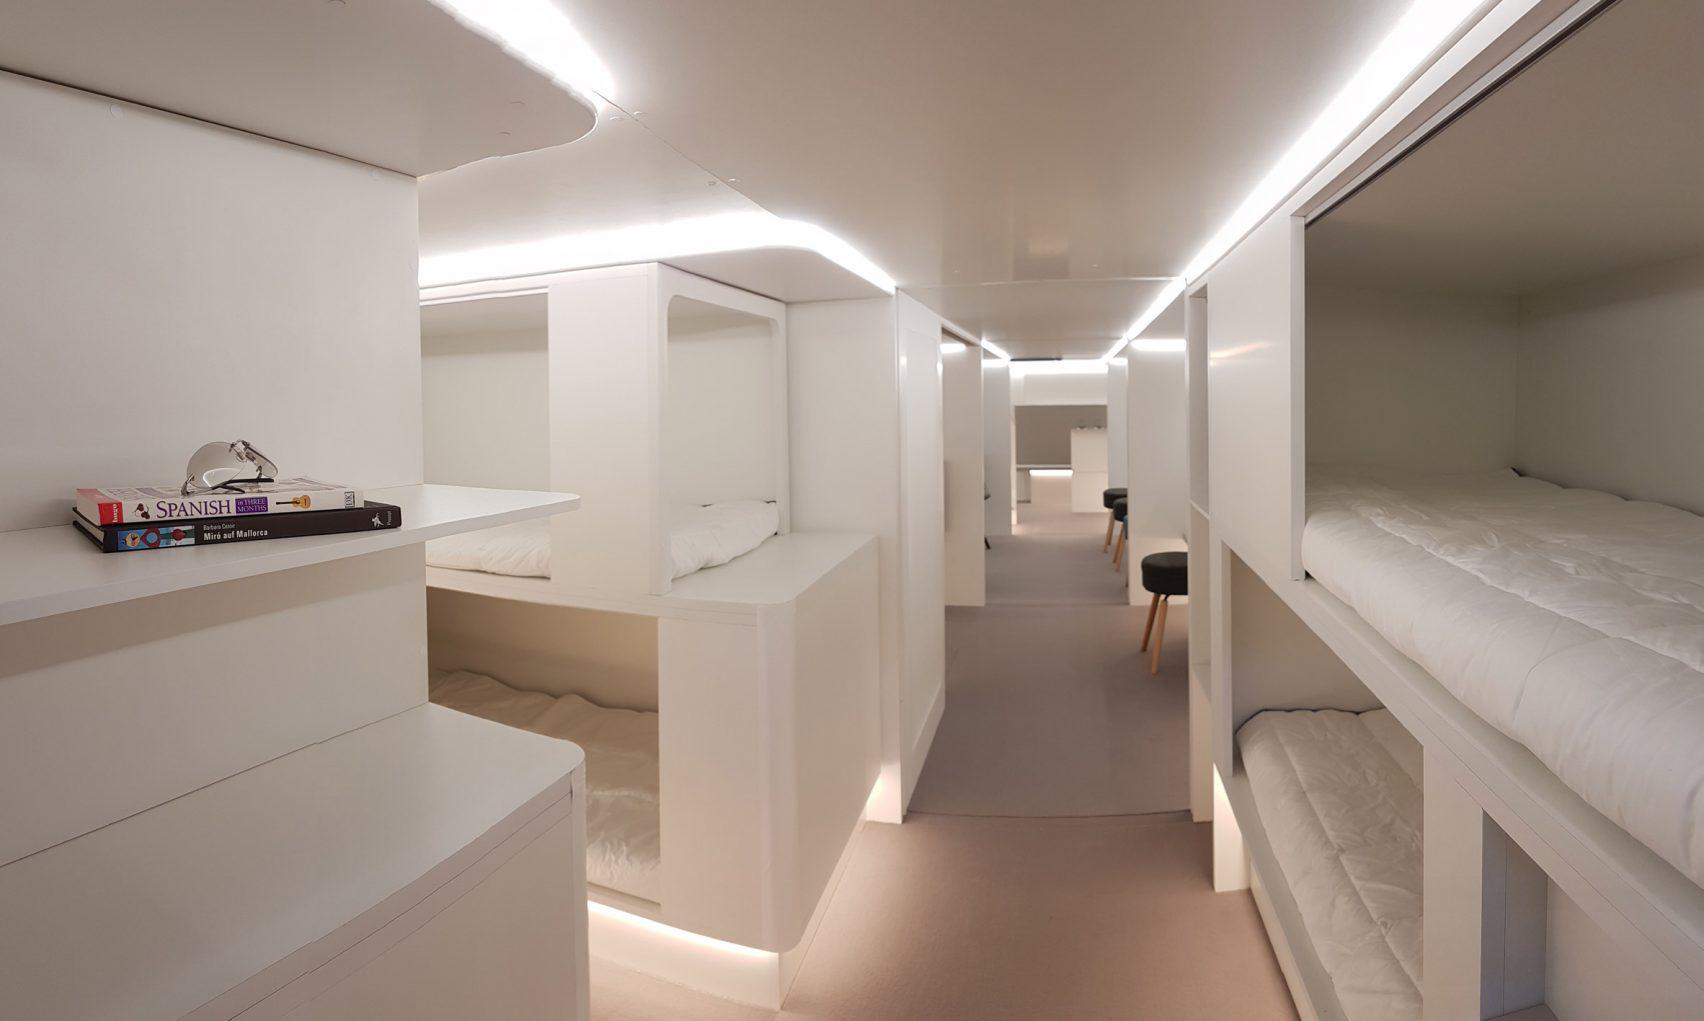 Двухъярусные кровати в самолете: бред или будущее?